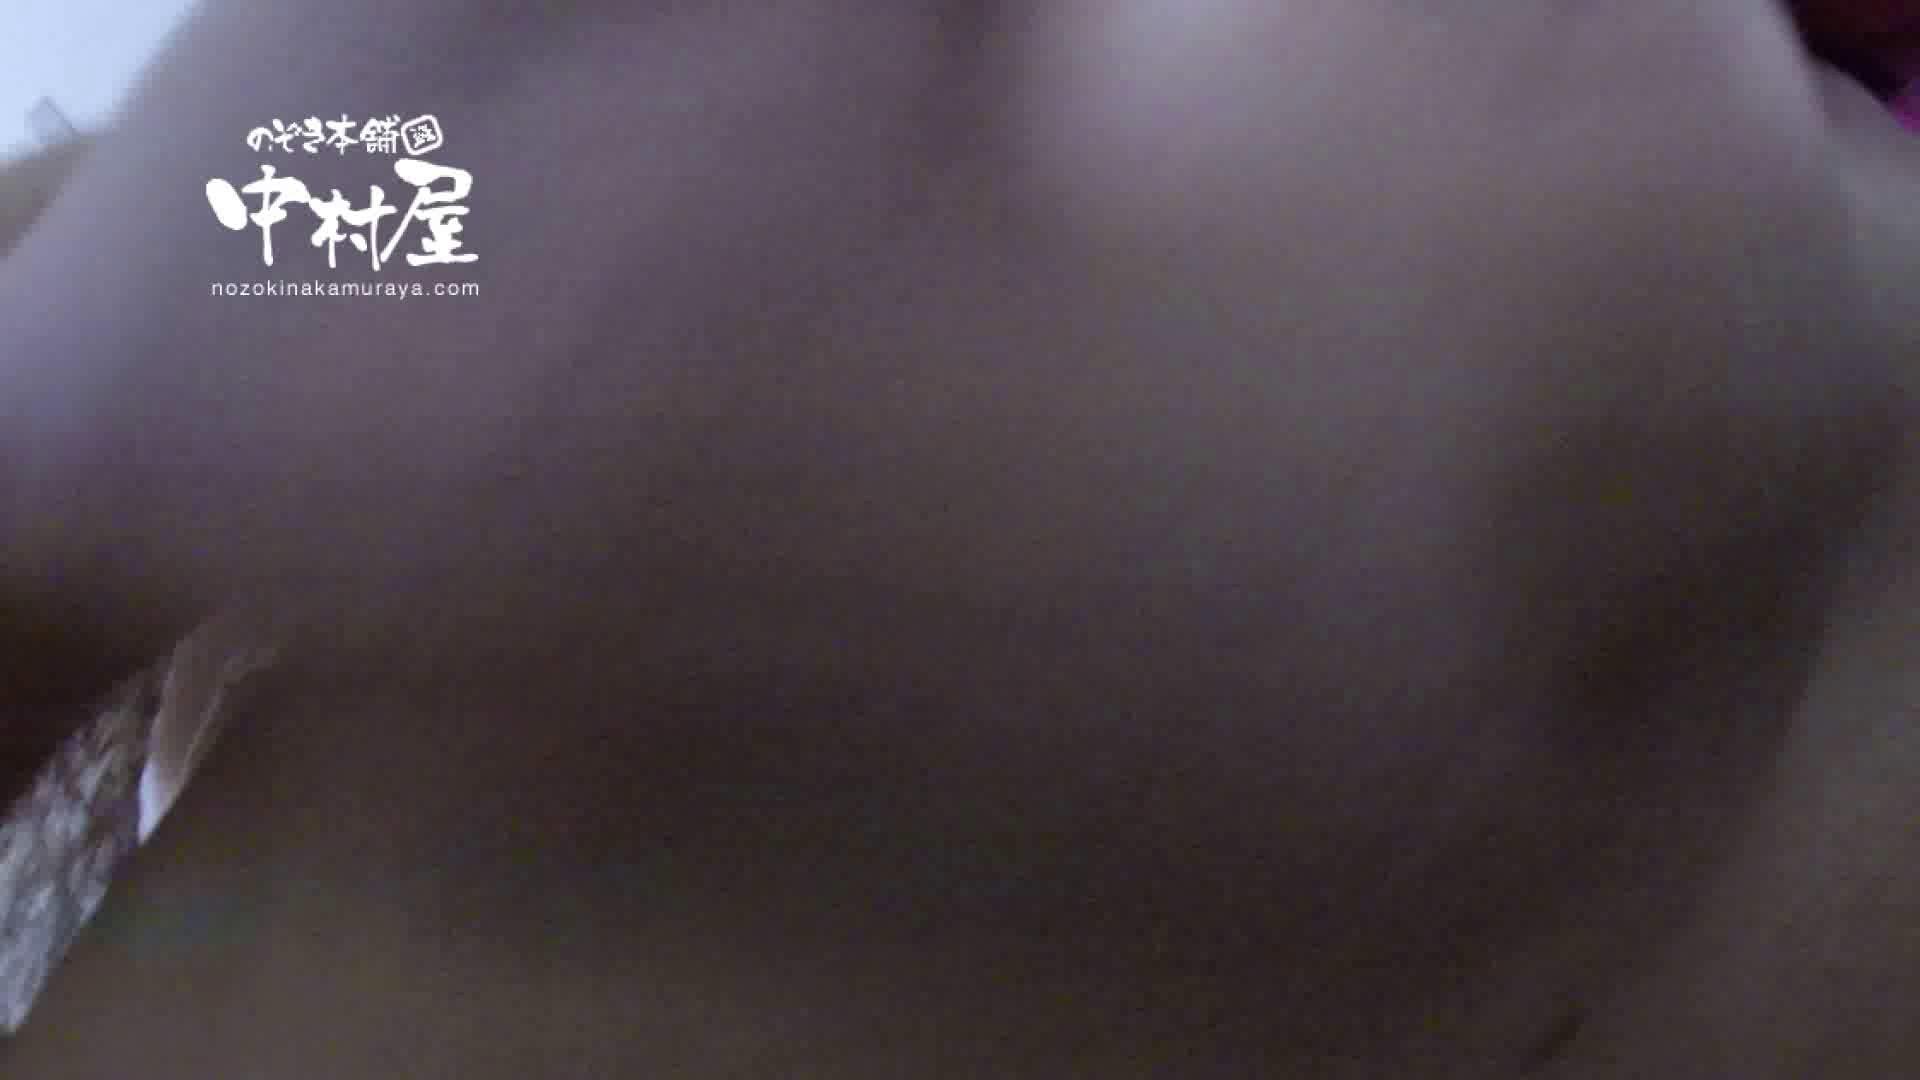 鬼畜 vol.12 剥ぎ取ったら色白でゴウモウだった 前編 鬼畜 | 綺麗なOLたち  101枚 89